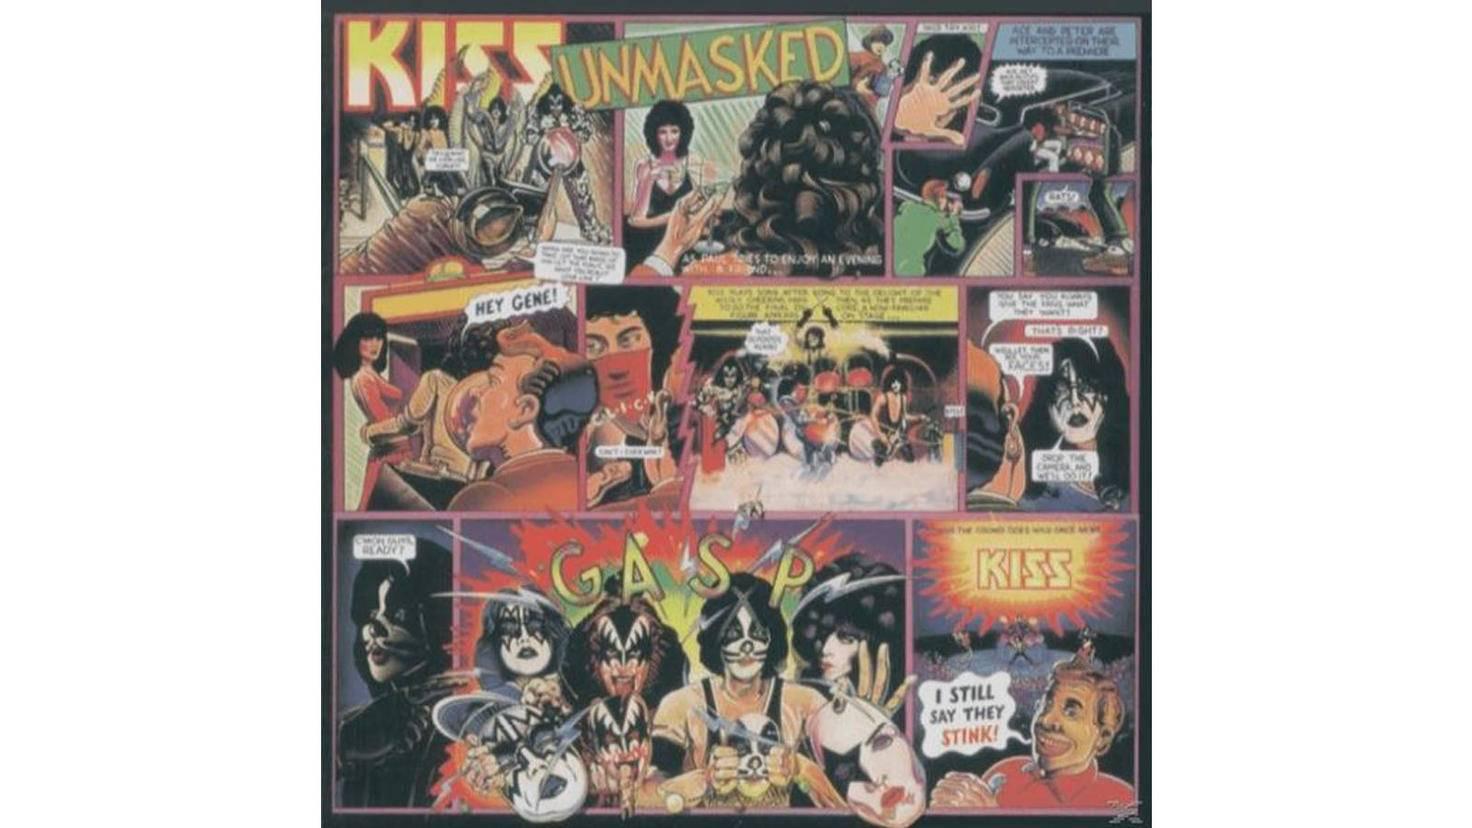 Kiss Unmasked Vinyl